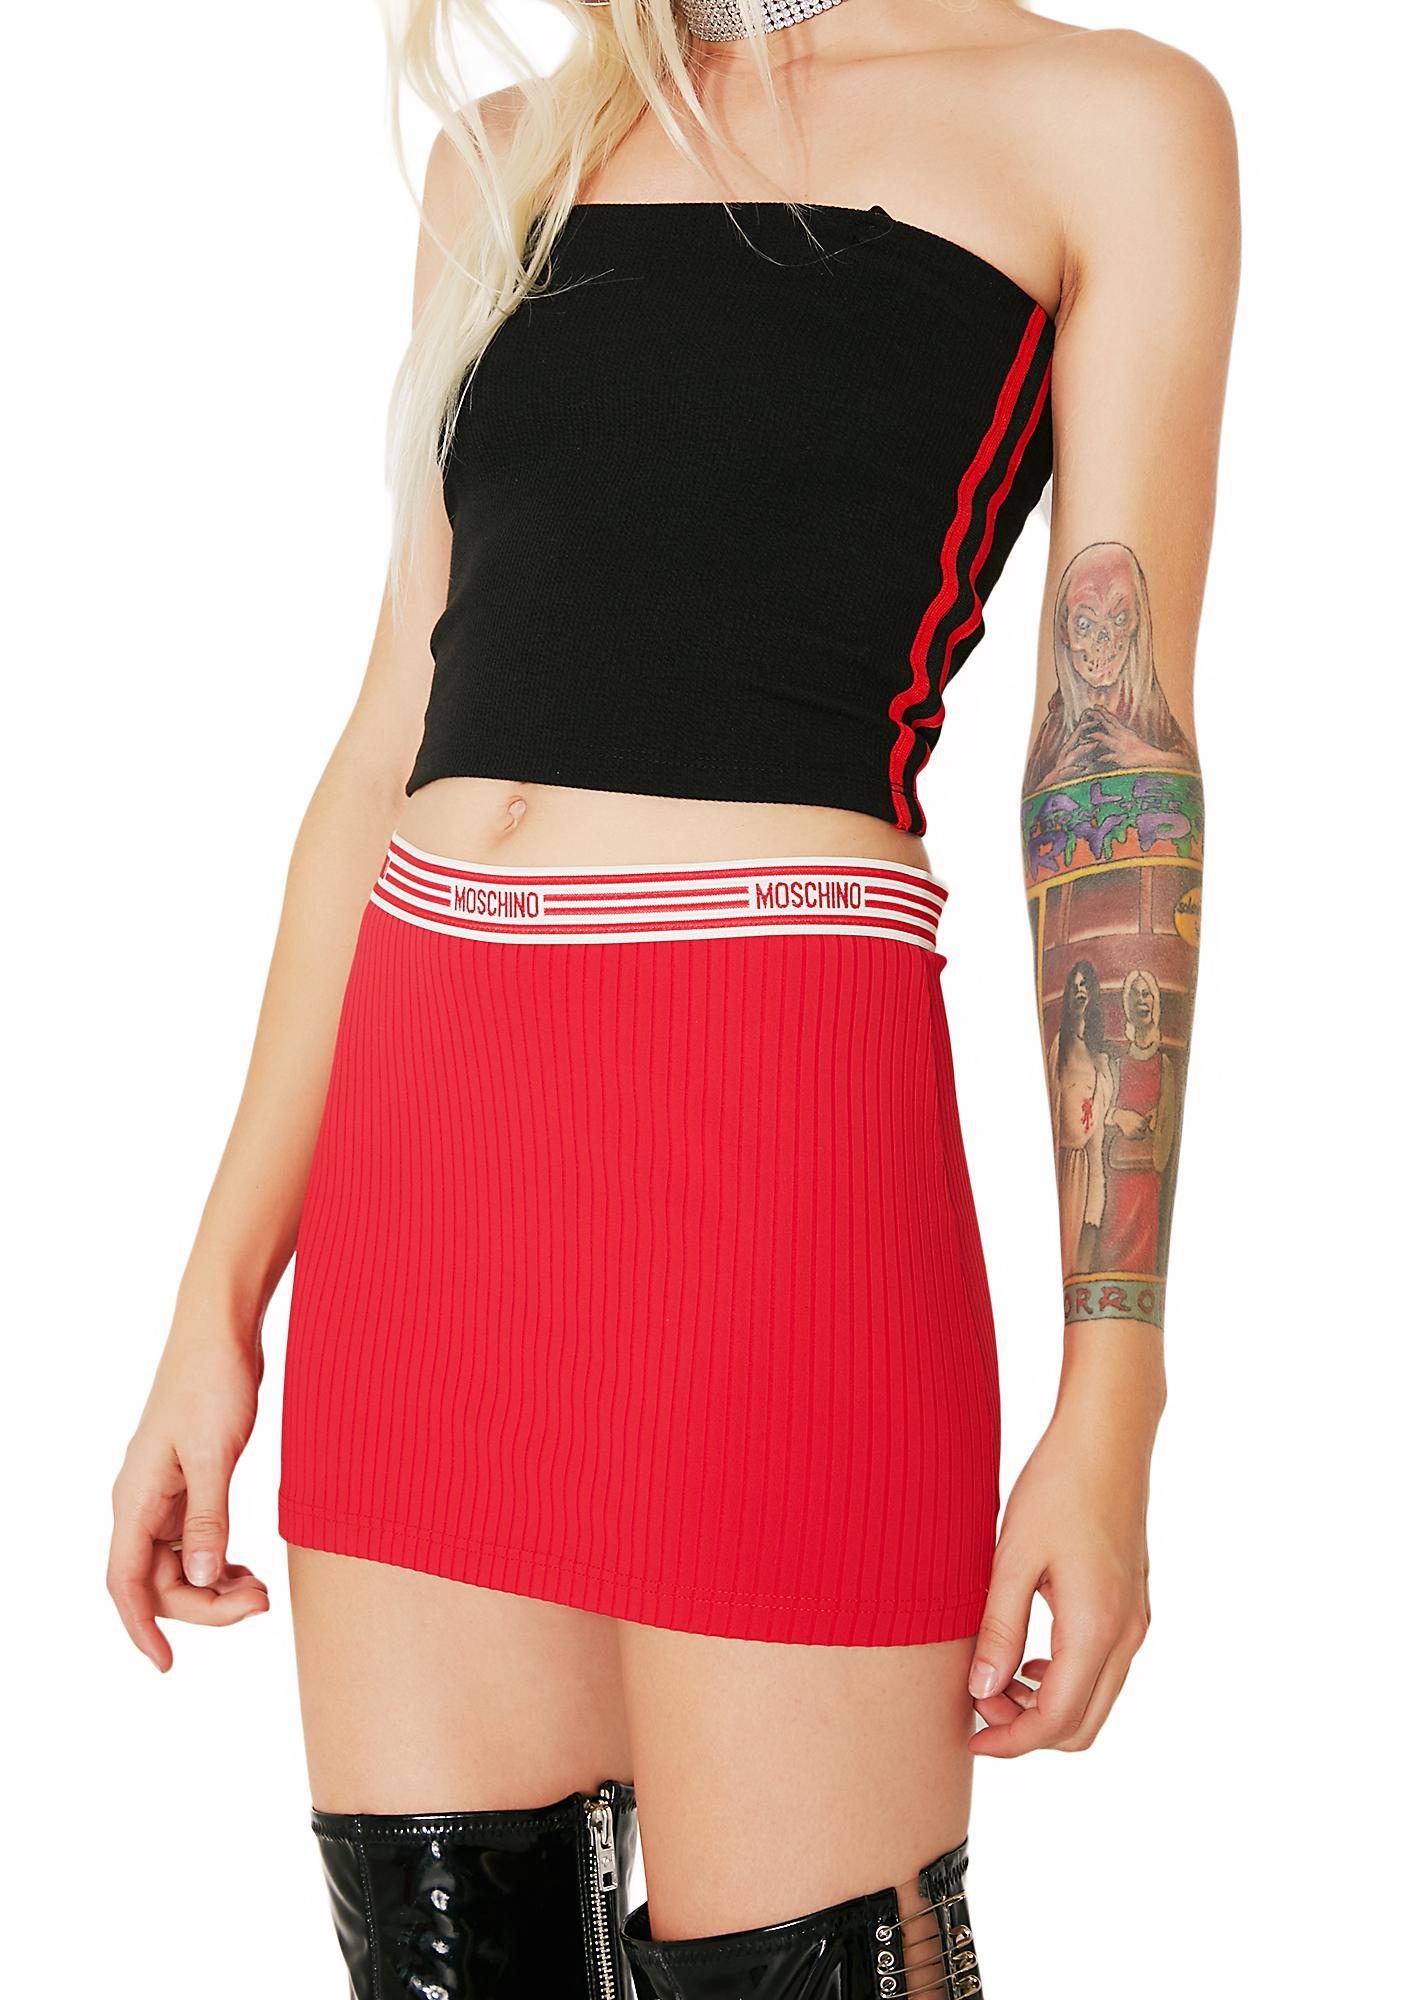 Vintage Moschino Bandage Skirt